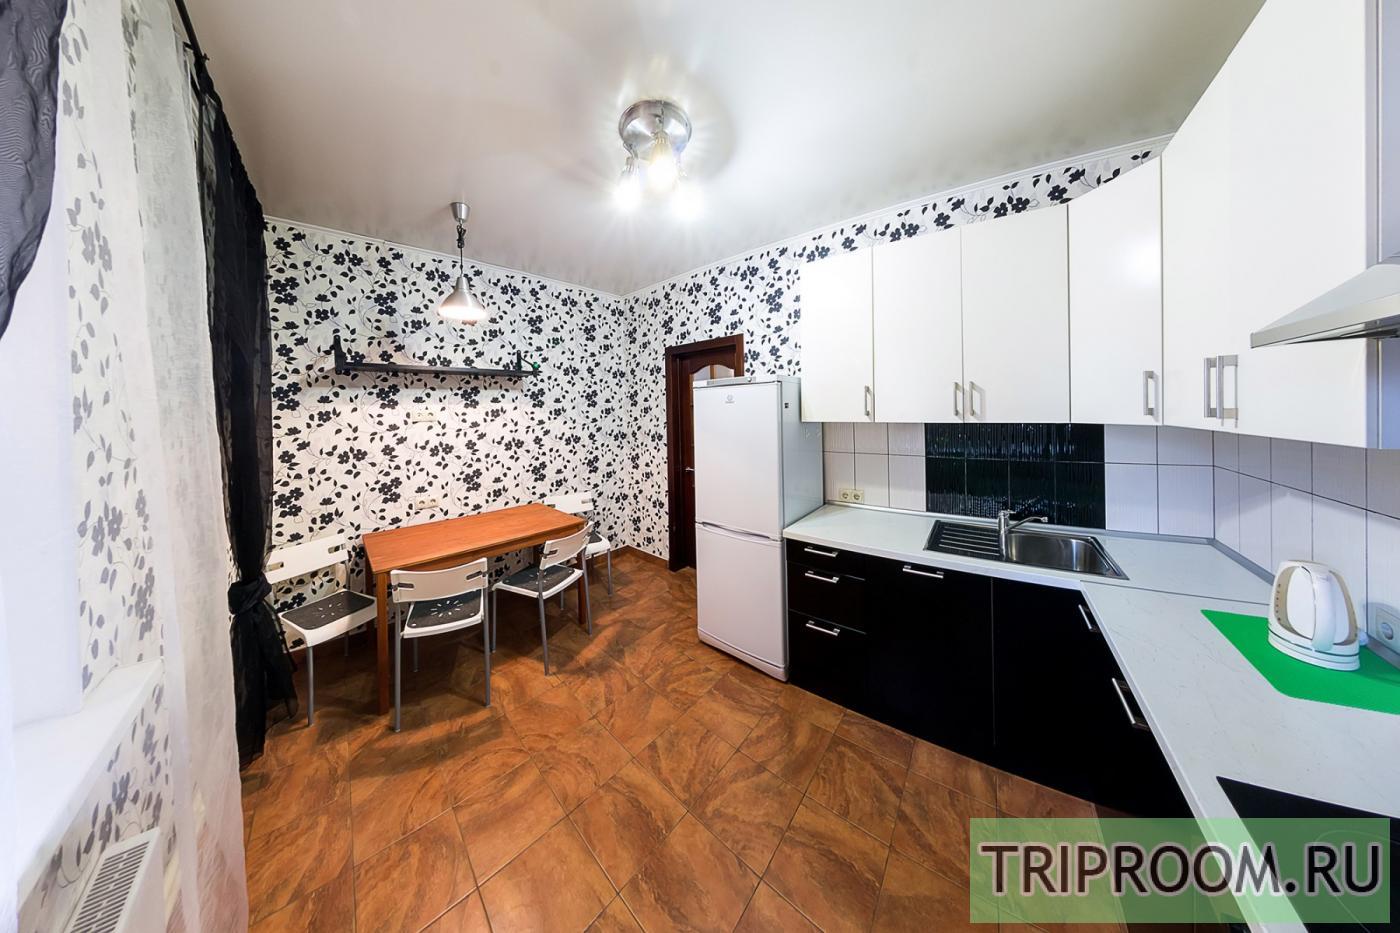 1-комнатная квартира посуточно (вариант № 33969), ул. Серафимовича улица, фото № 1